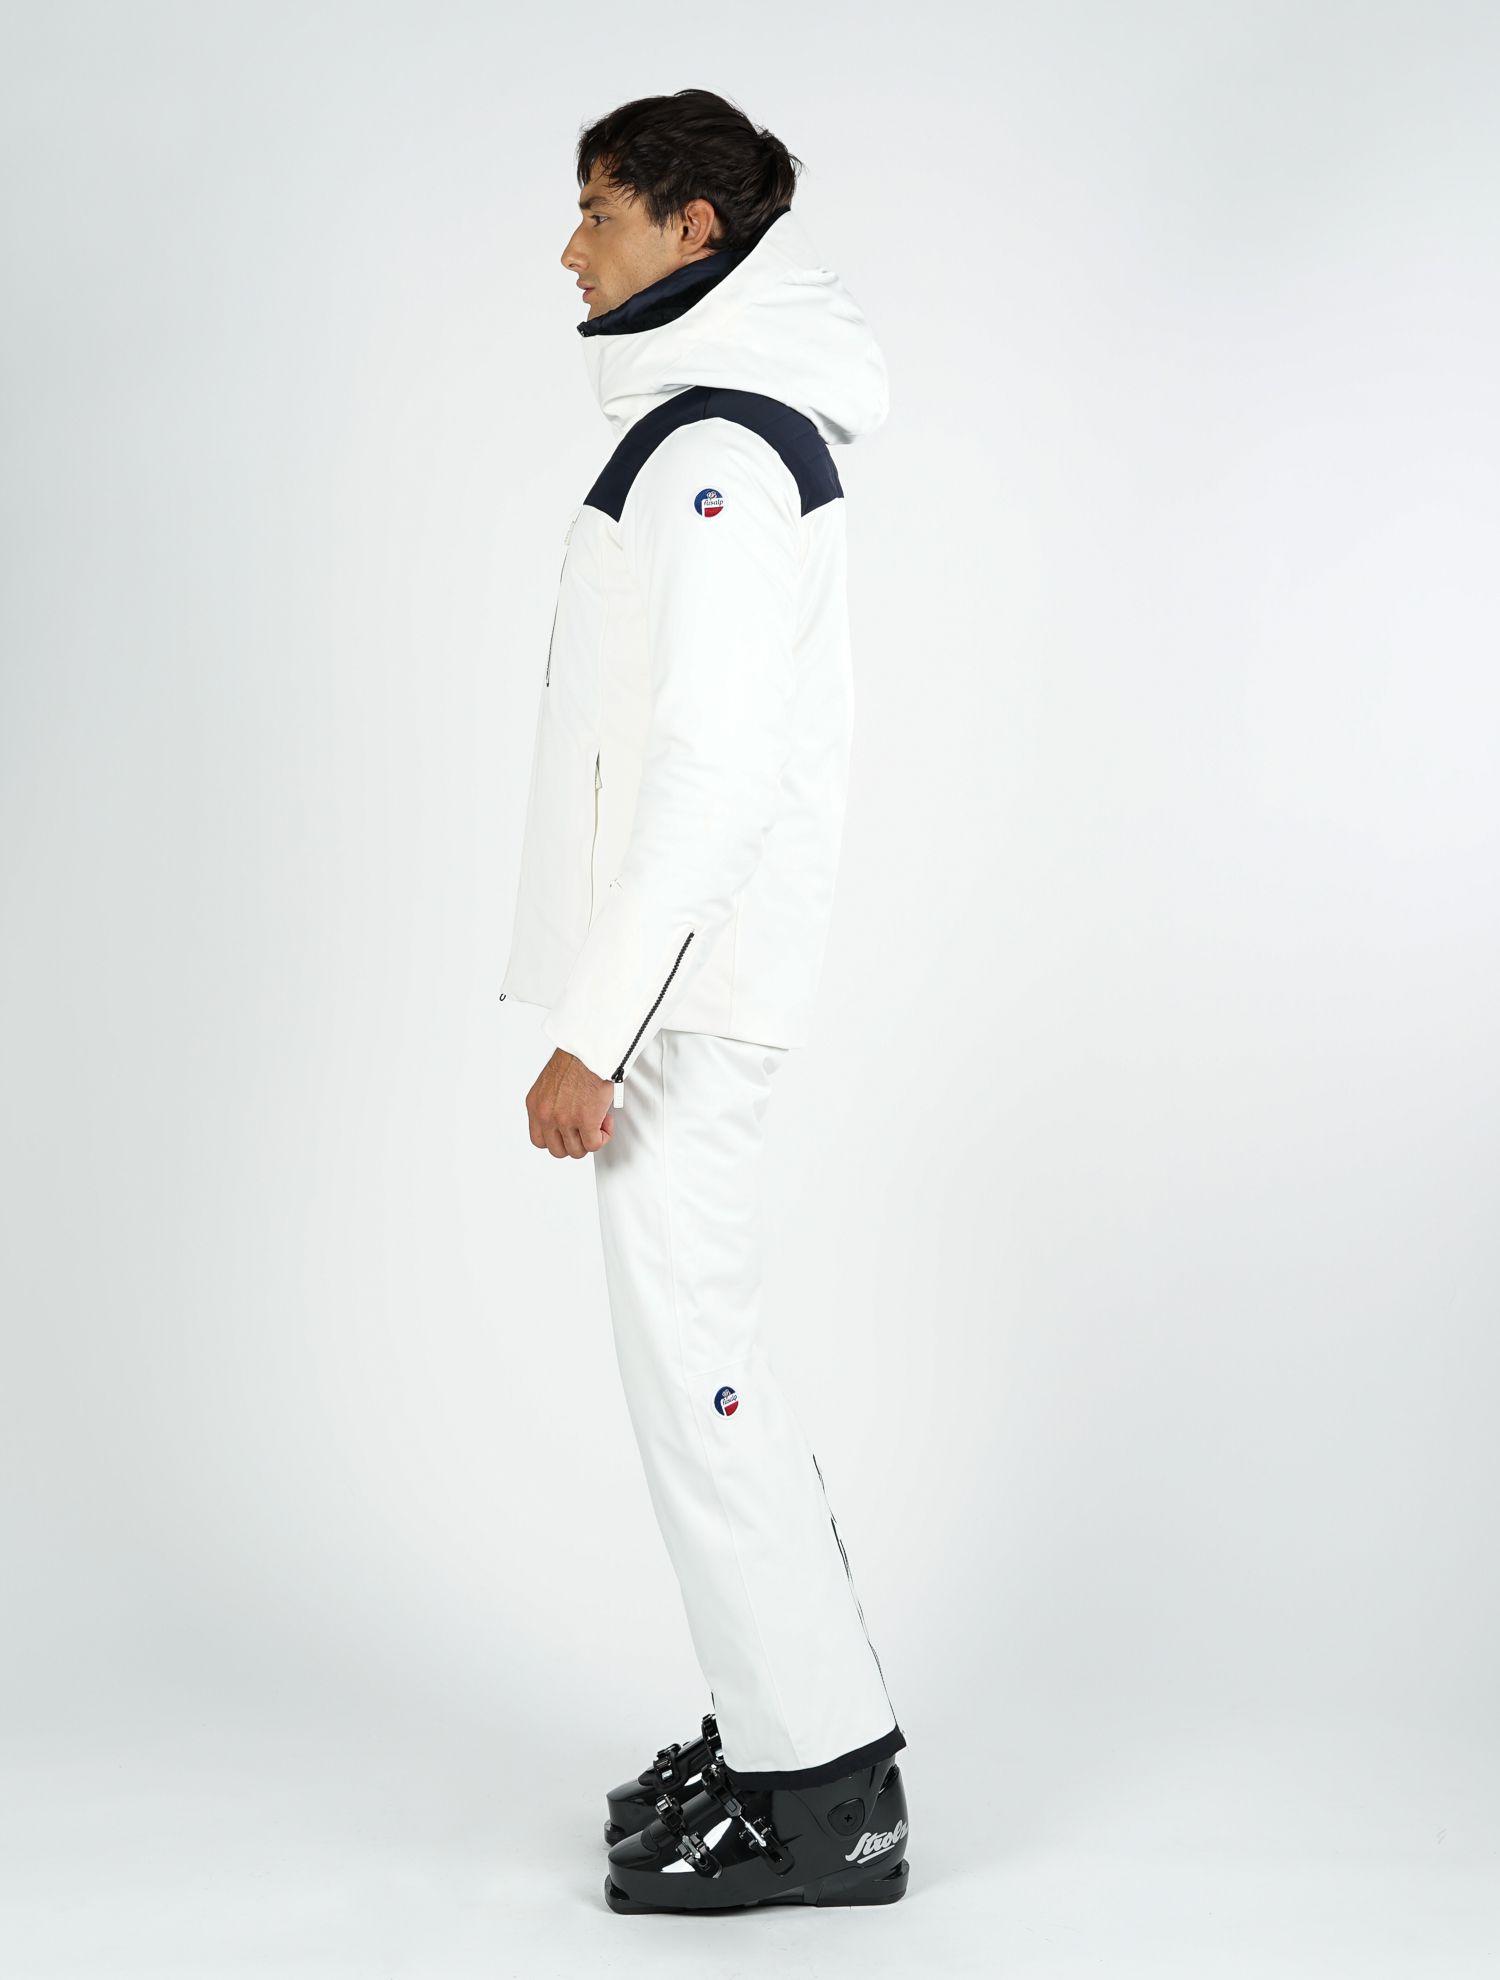 Matière Homme 3 Luc Pour 1 De Ski En Extensible Veste qw4CRS1fx